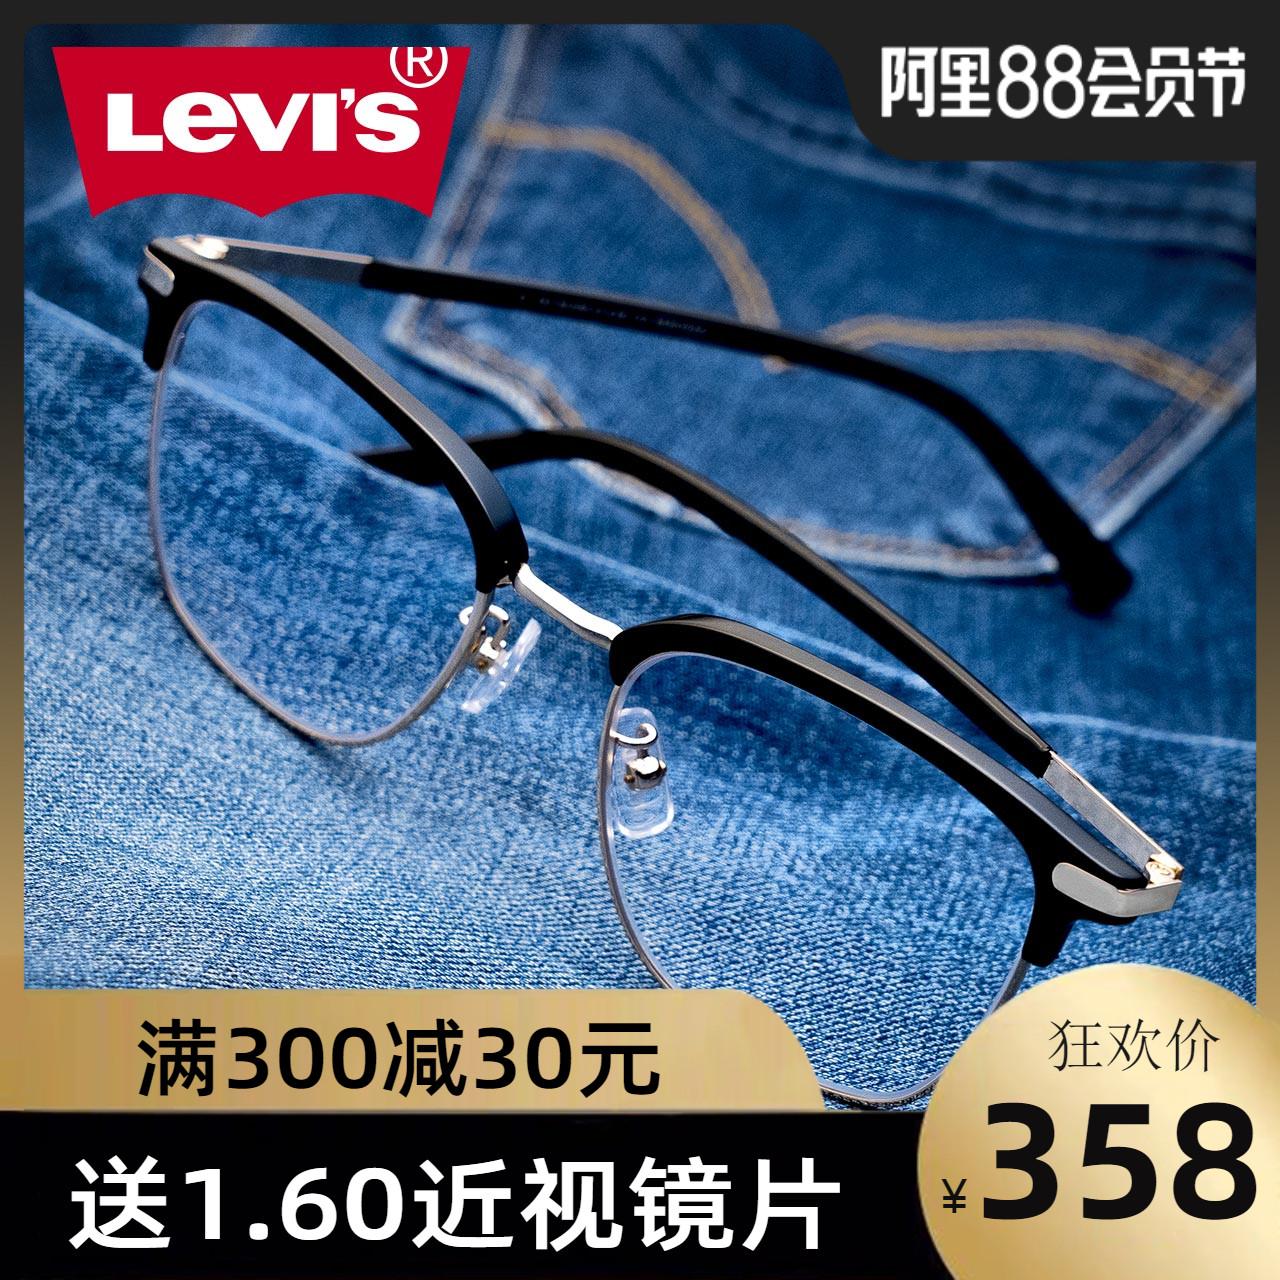 宝岛李维斯眼镜框男近视眼镜女复古镜框镜架半框有度数可配近视镜